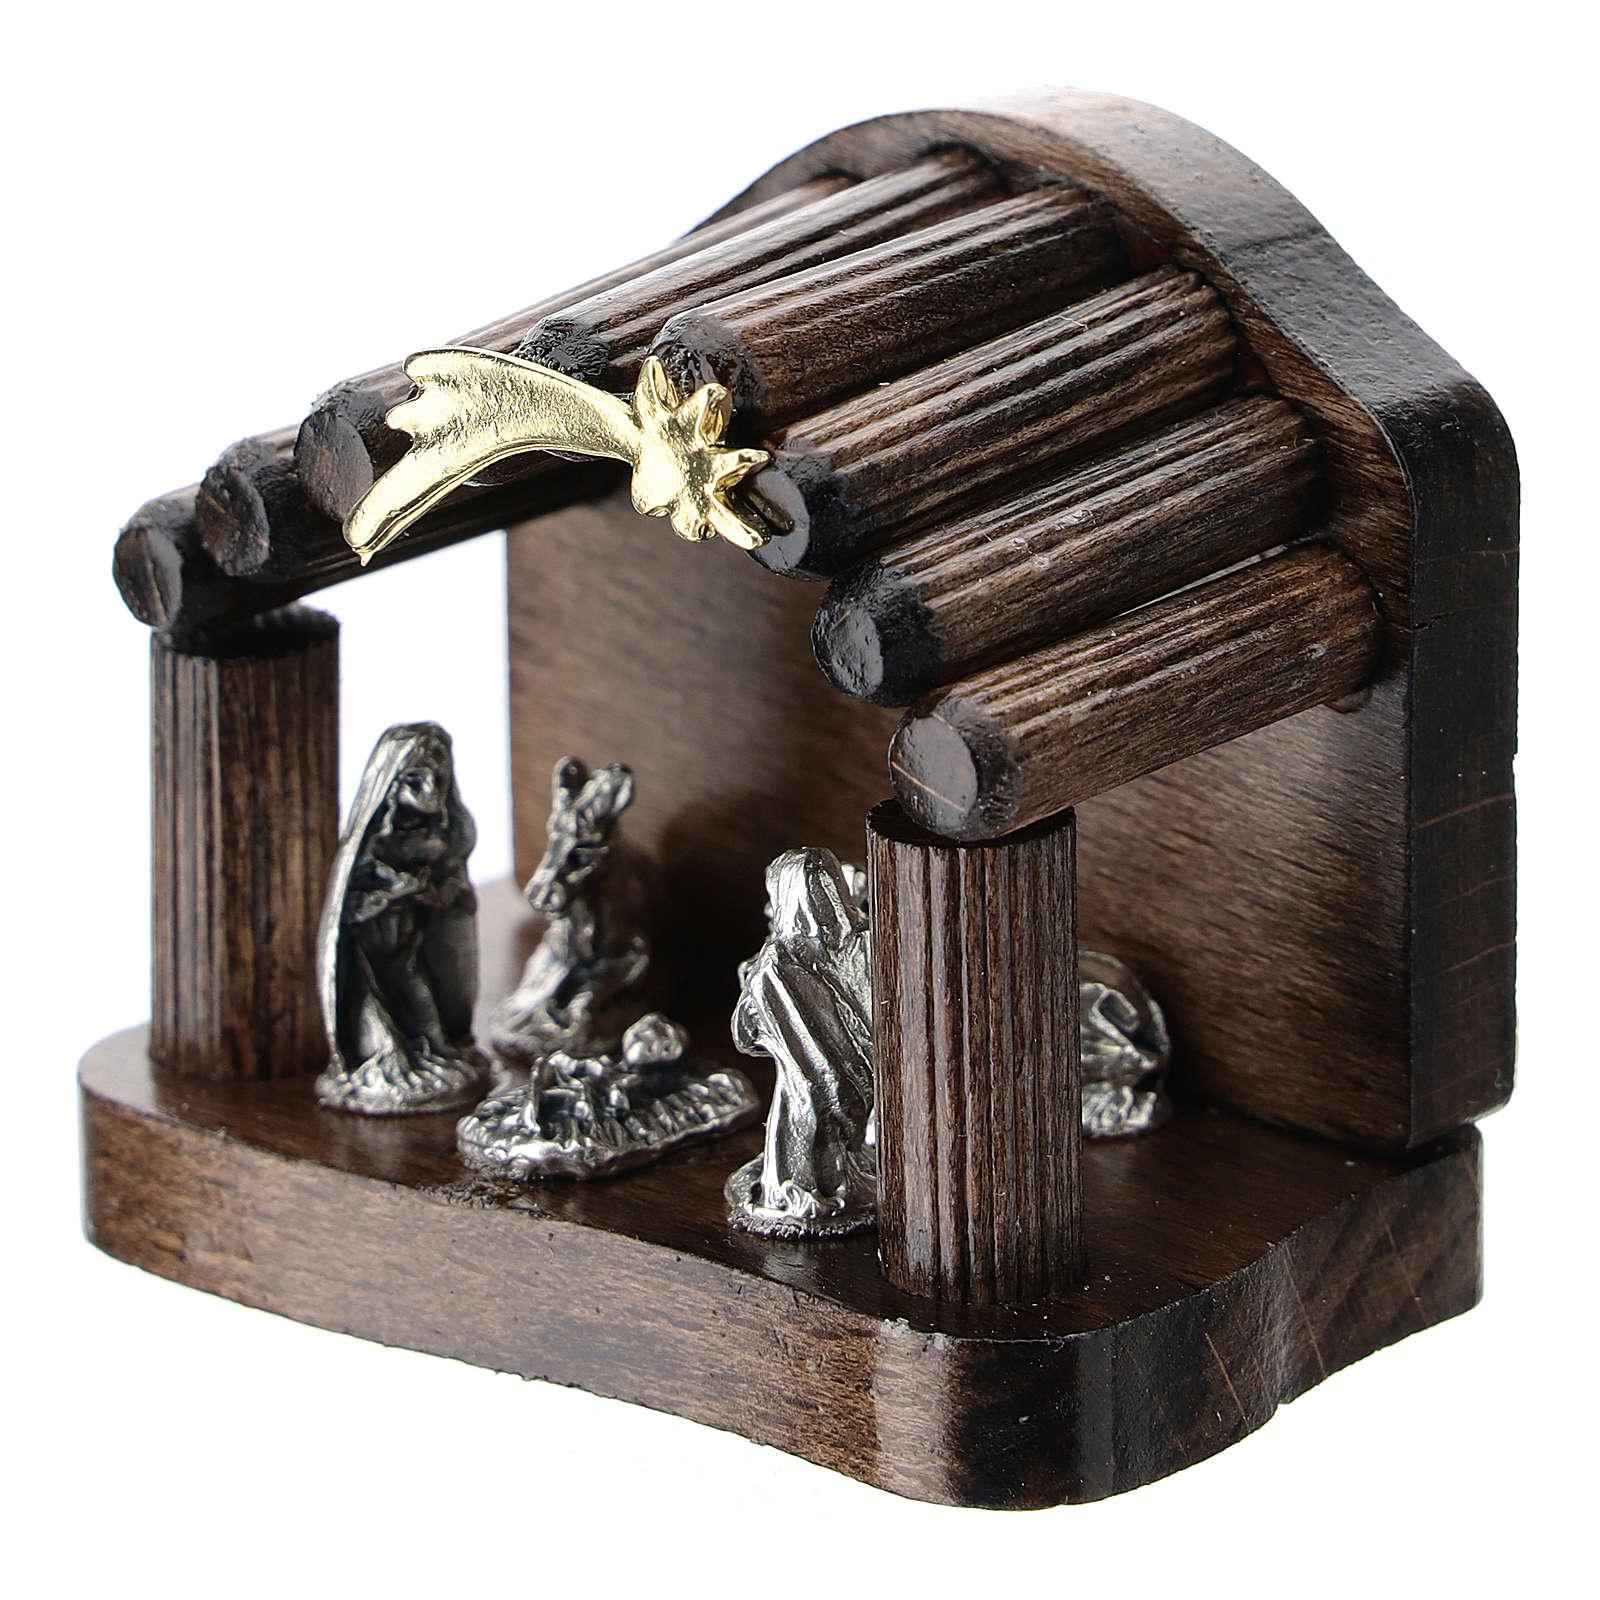 Natividad metal y cabaña madera escalones 5 cm 3